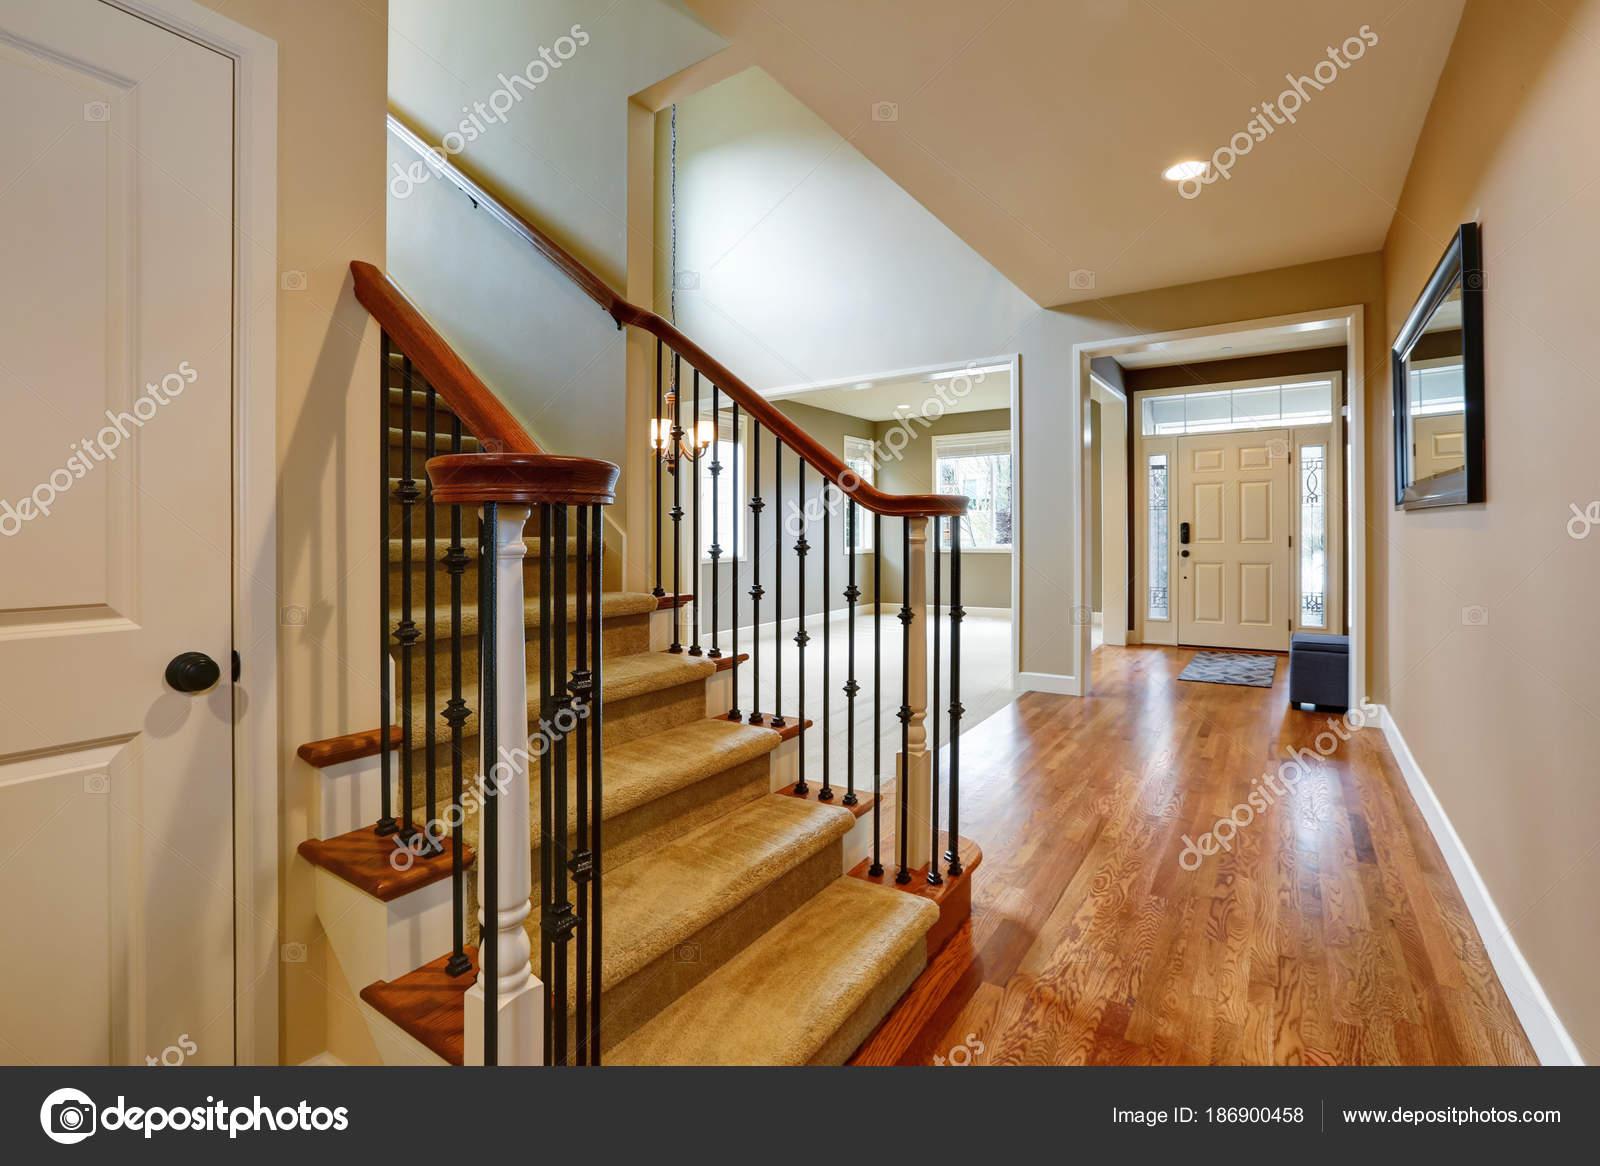 Leichte Taupe Interieur mit erstaunlichen floorplan — Stockfoto ...